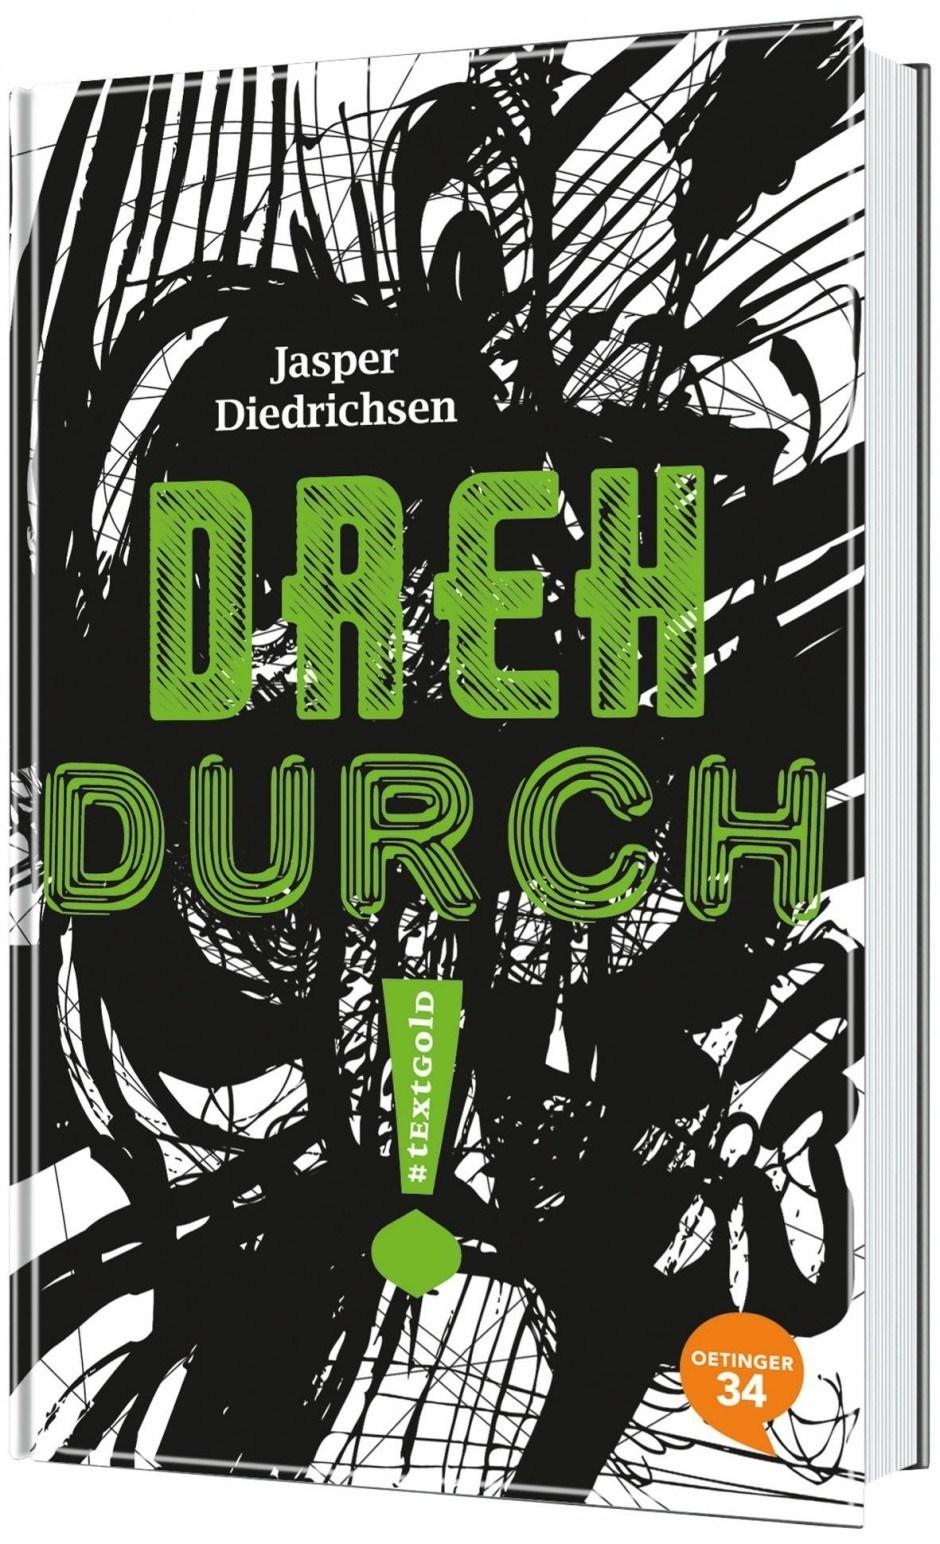 Cover »Dreh durch!« von Jasper Diedrichsen/Martina Liebig, Oetinger34